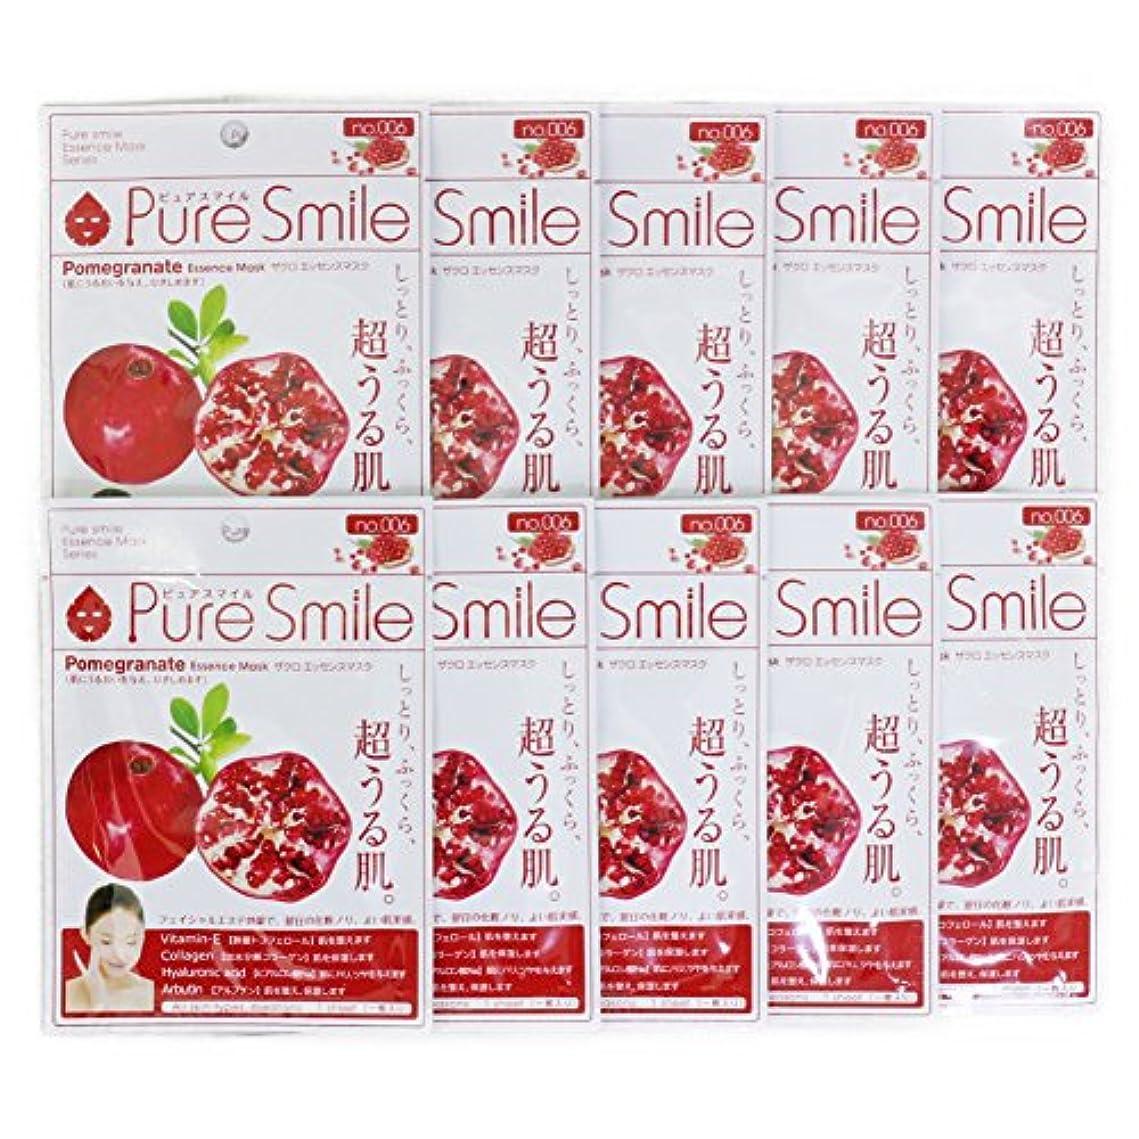 さわやか砲撃王位Pure Smile ピュアスマイル エッセンスマスク ザクロ 10枚セット